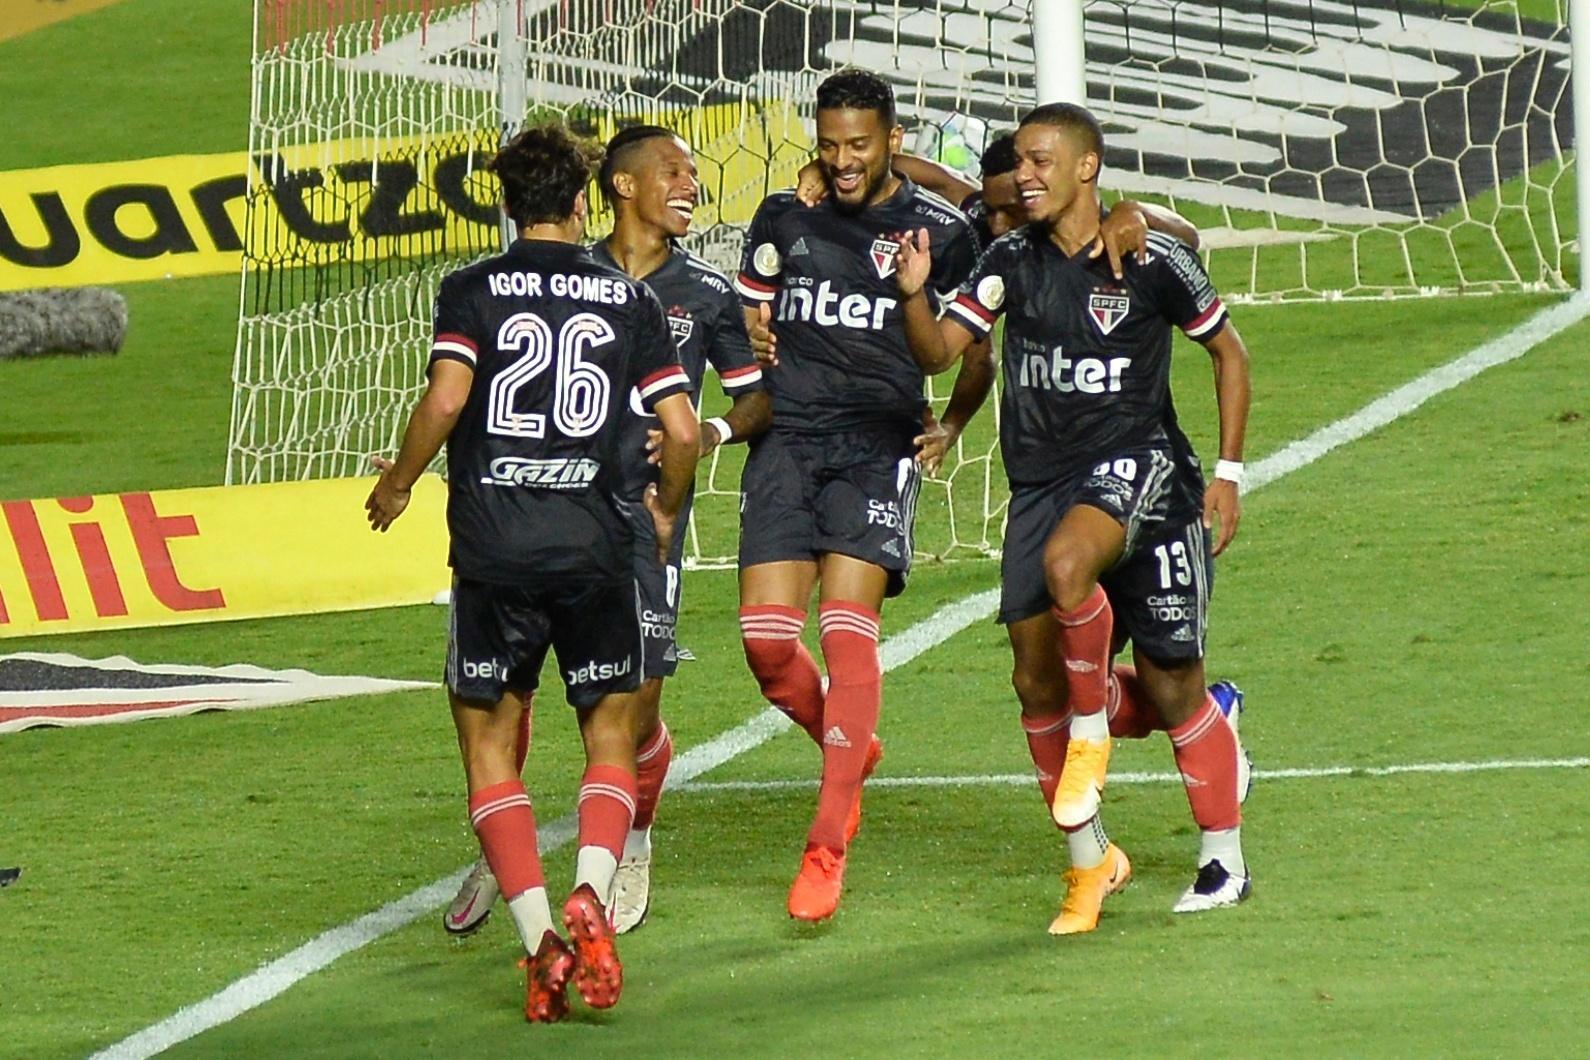 reinaldo-do-sao-paulo-comemora-gol-marcado-contra-o-botafogo-1607566366935_v2_1590x1060 São Paulo atropela Botafogo e abre vantagem na liderança do Brasileirão.